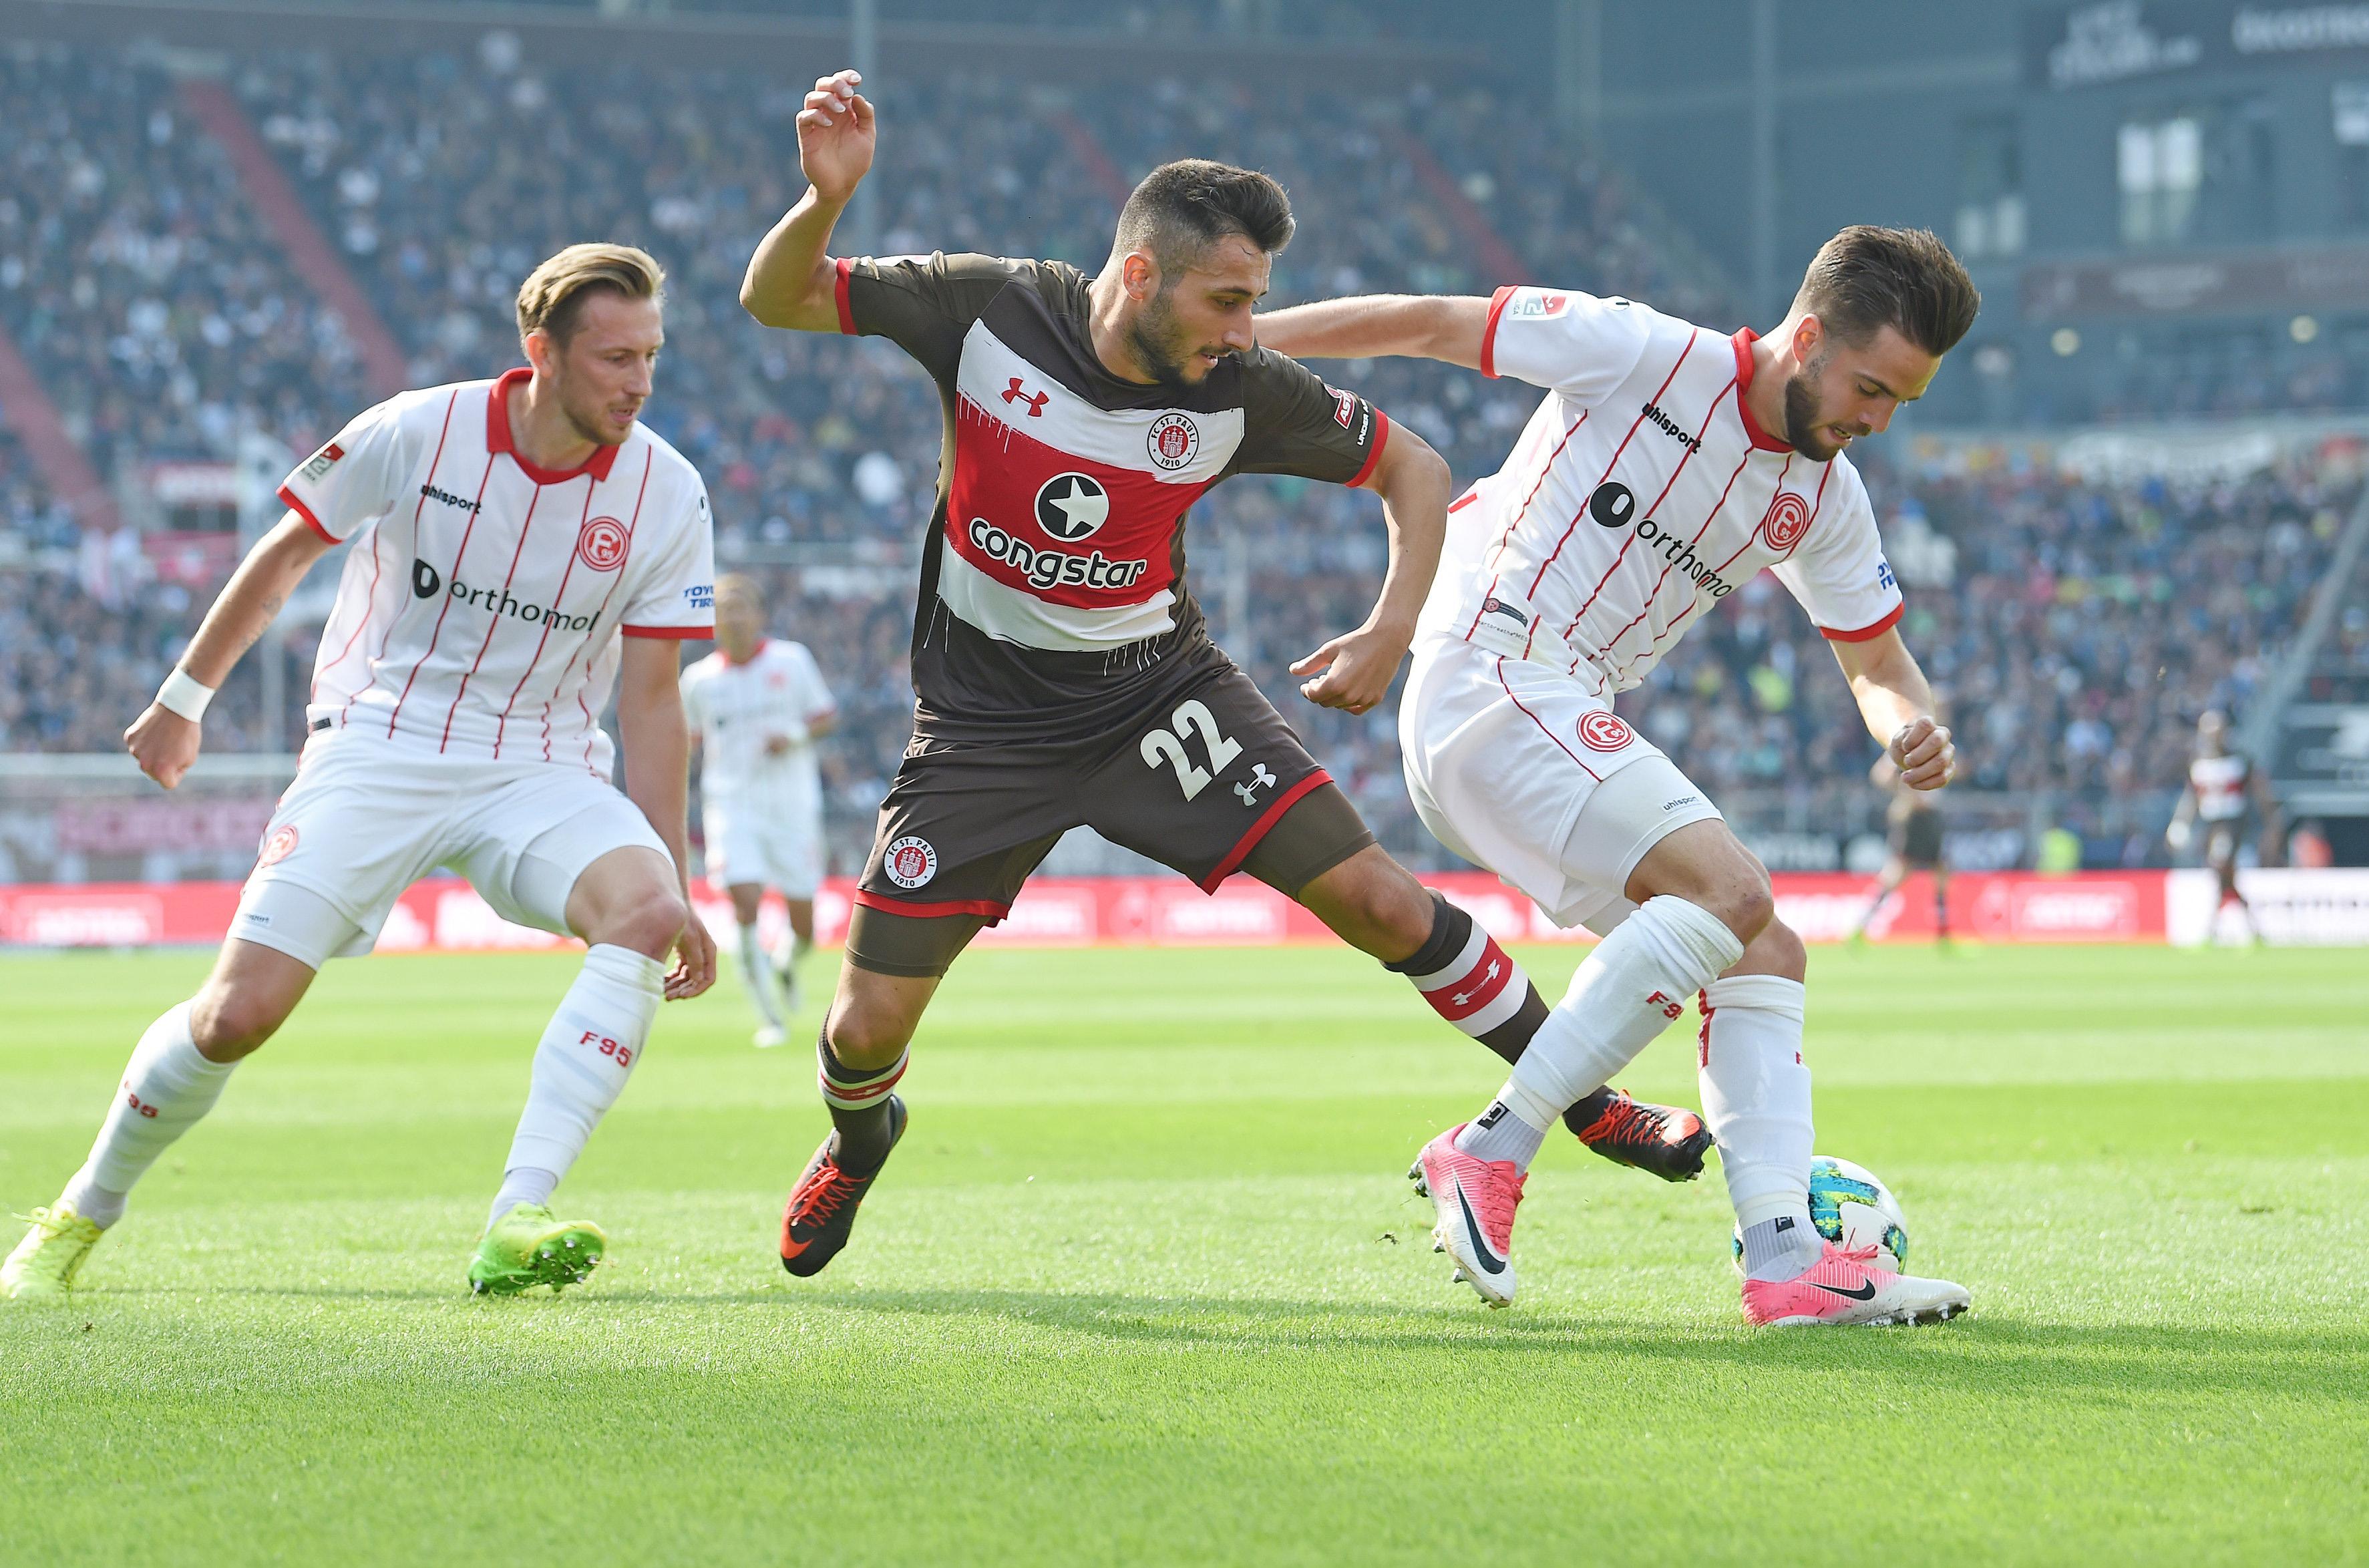 Zu Gast bei Fortuna Düsseldorf – Infos zum Kartenverkauf